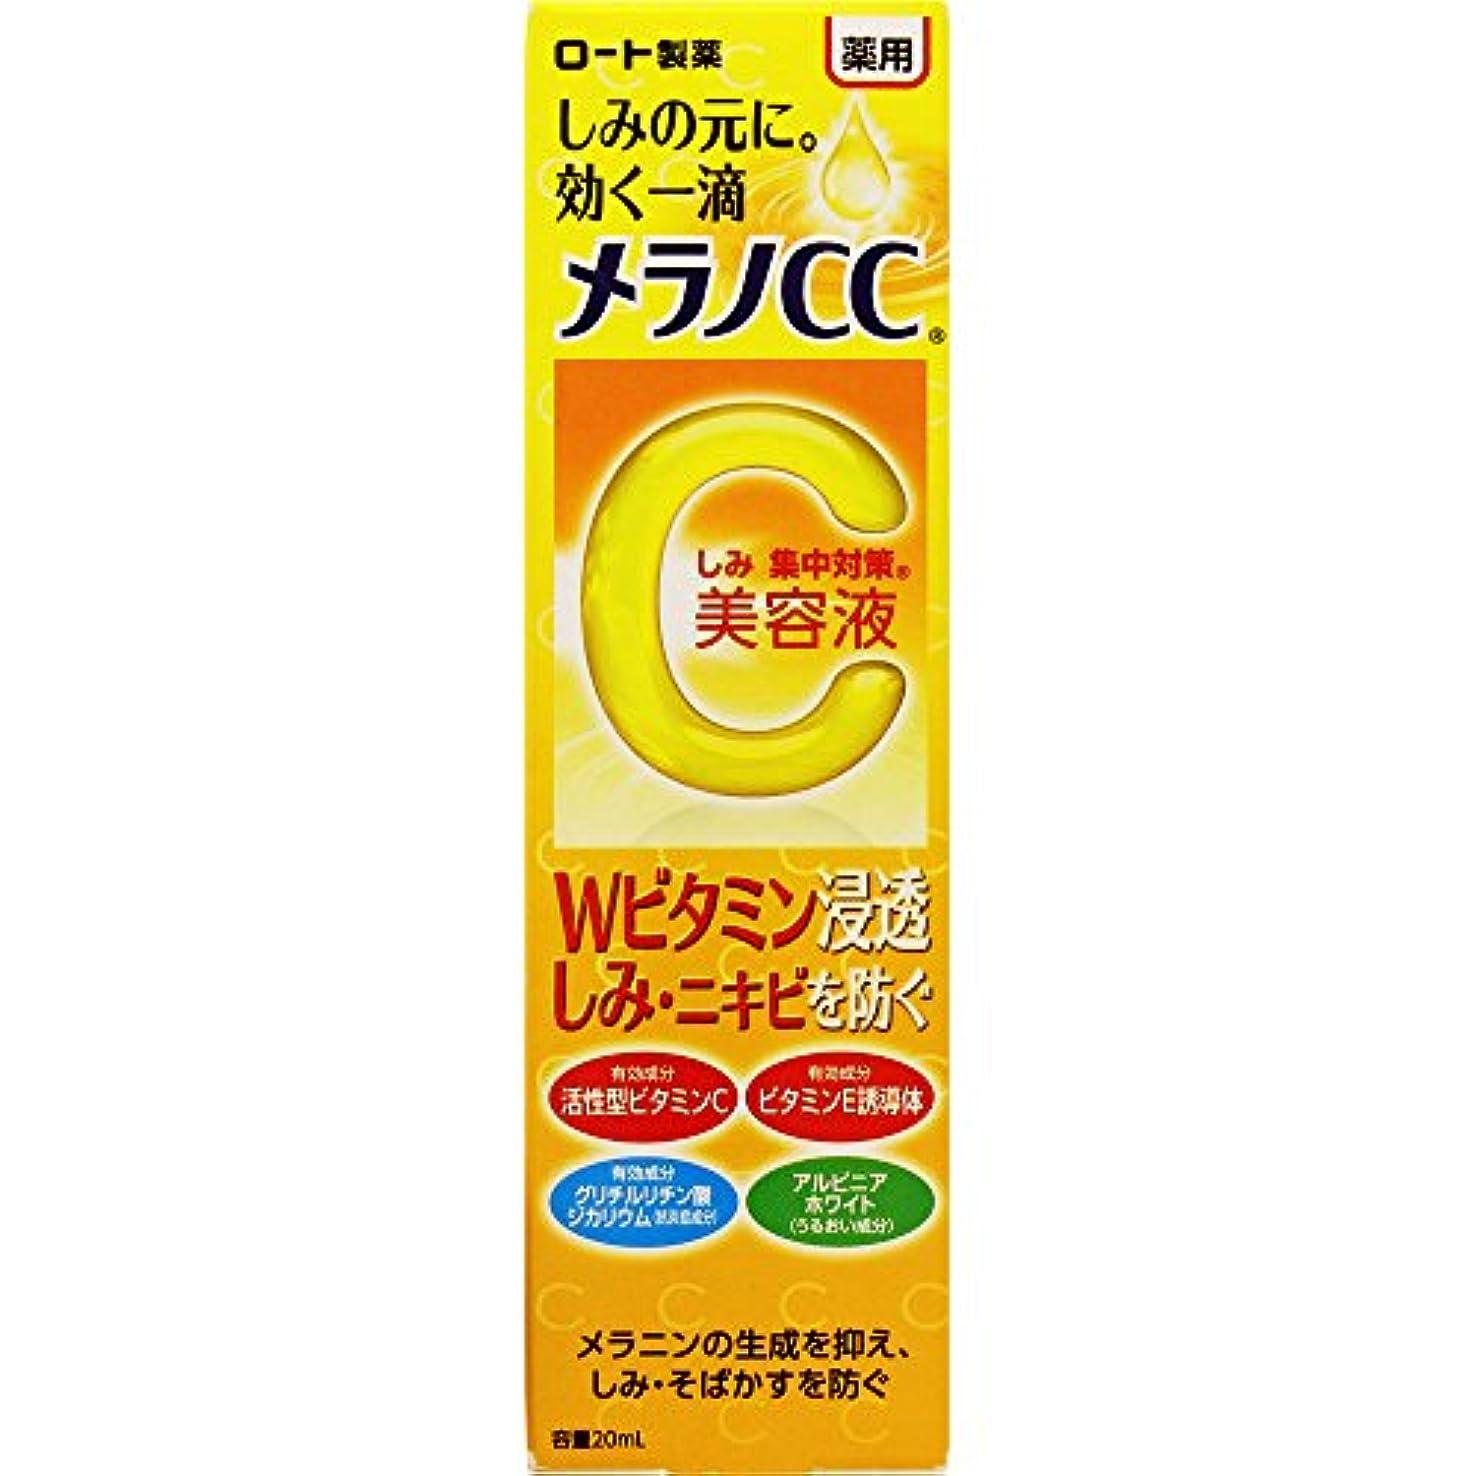 メラノCC 薬用 しみ 集中対策 美容液 20mL (医薬部外品)